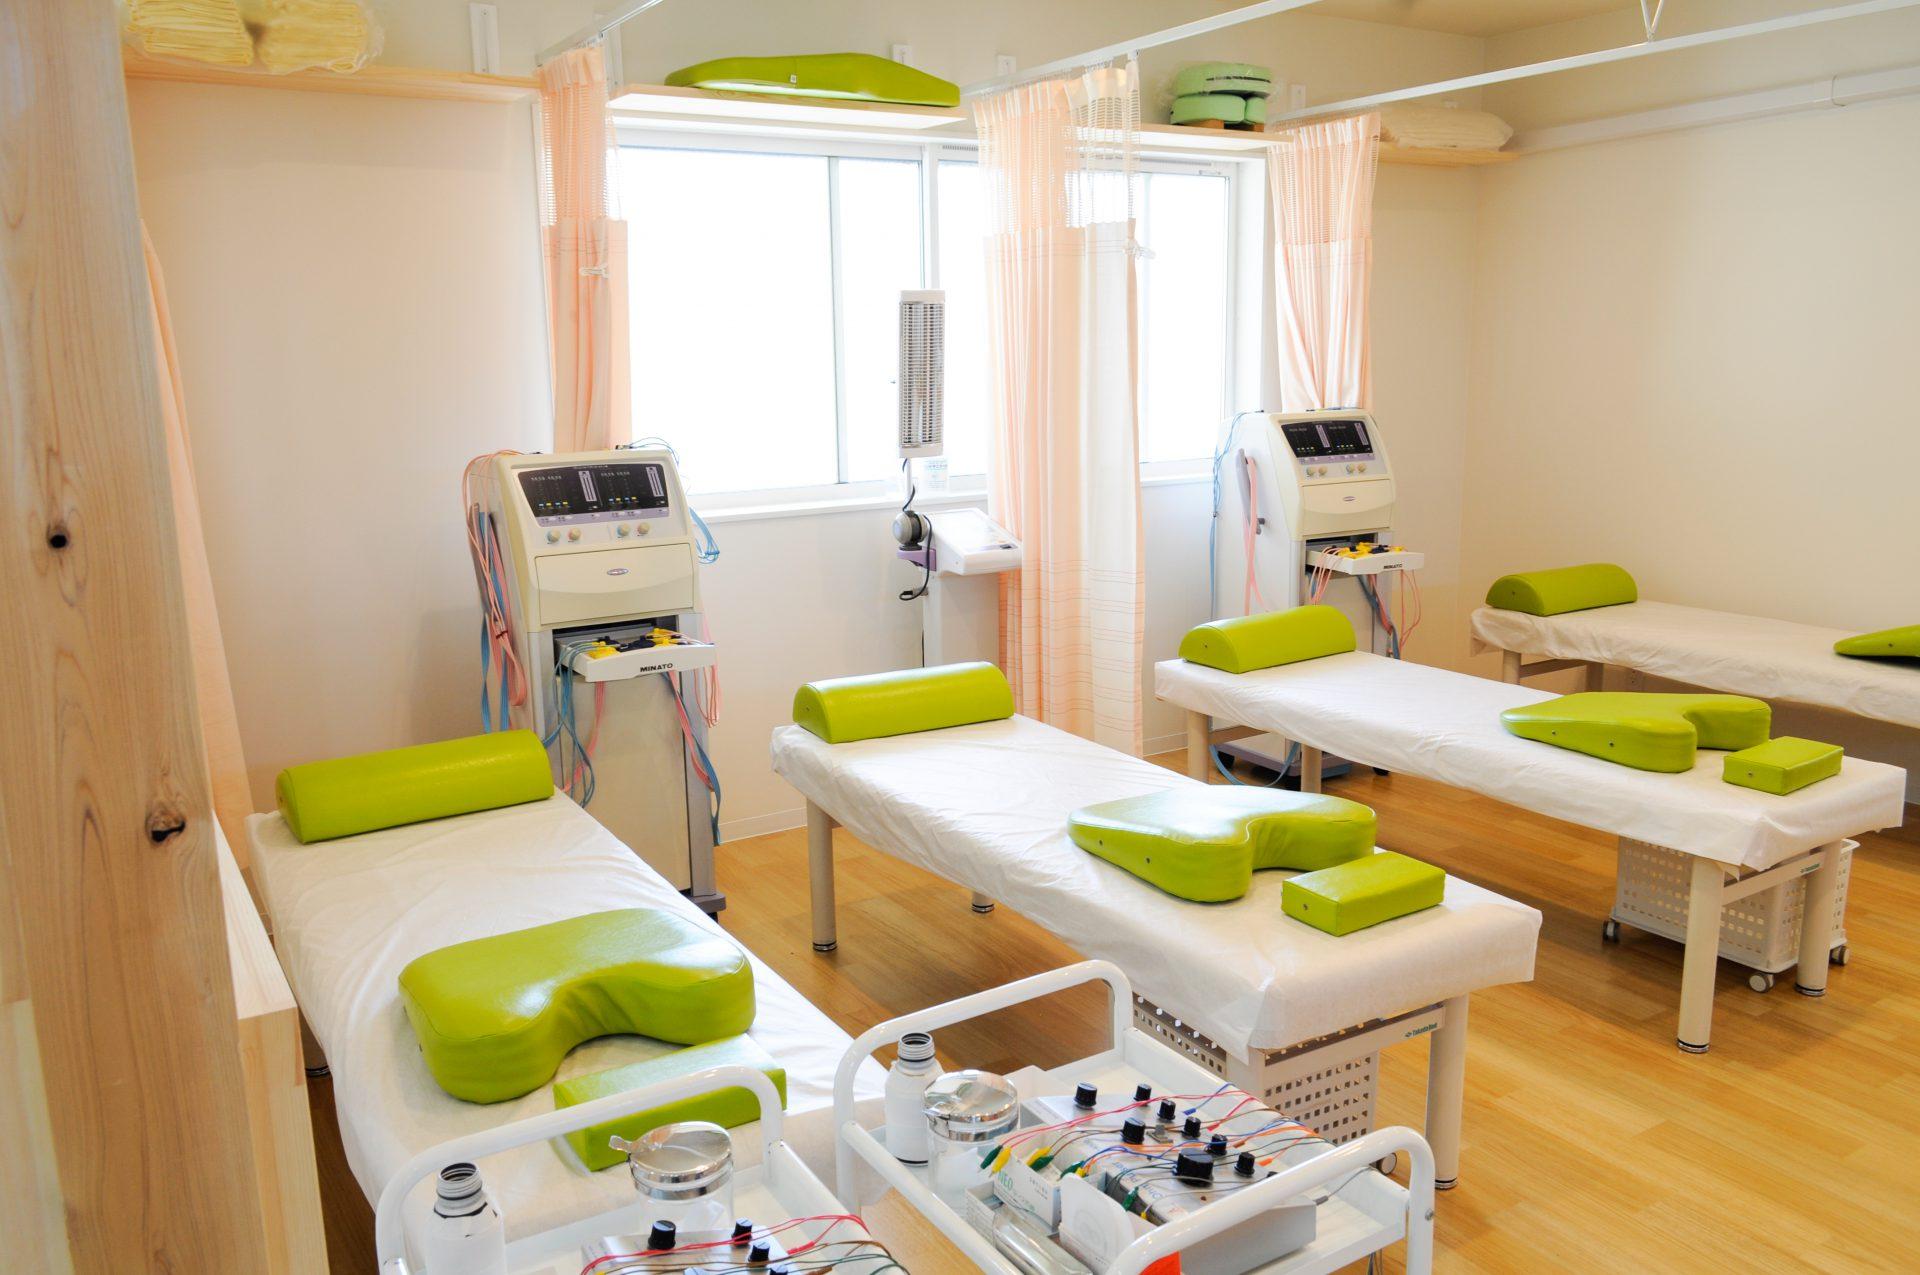 和歌山県伊都郡かつらぎ町 エコーガイド下 トリガーポイント鍼灸治療 ハクチョウ鍼灸整骨院